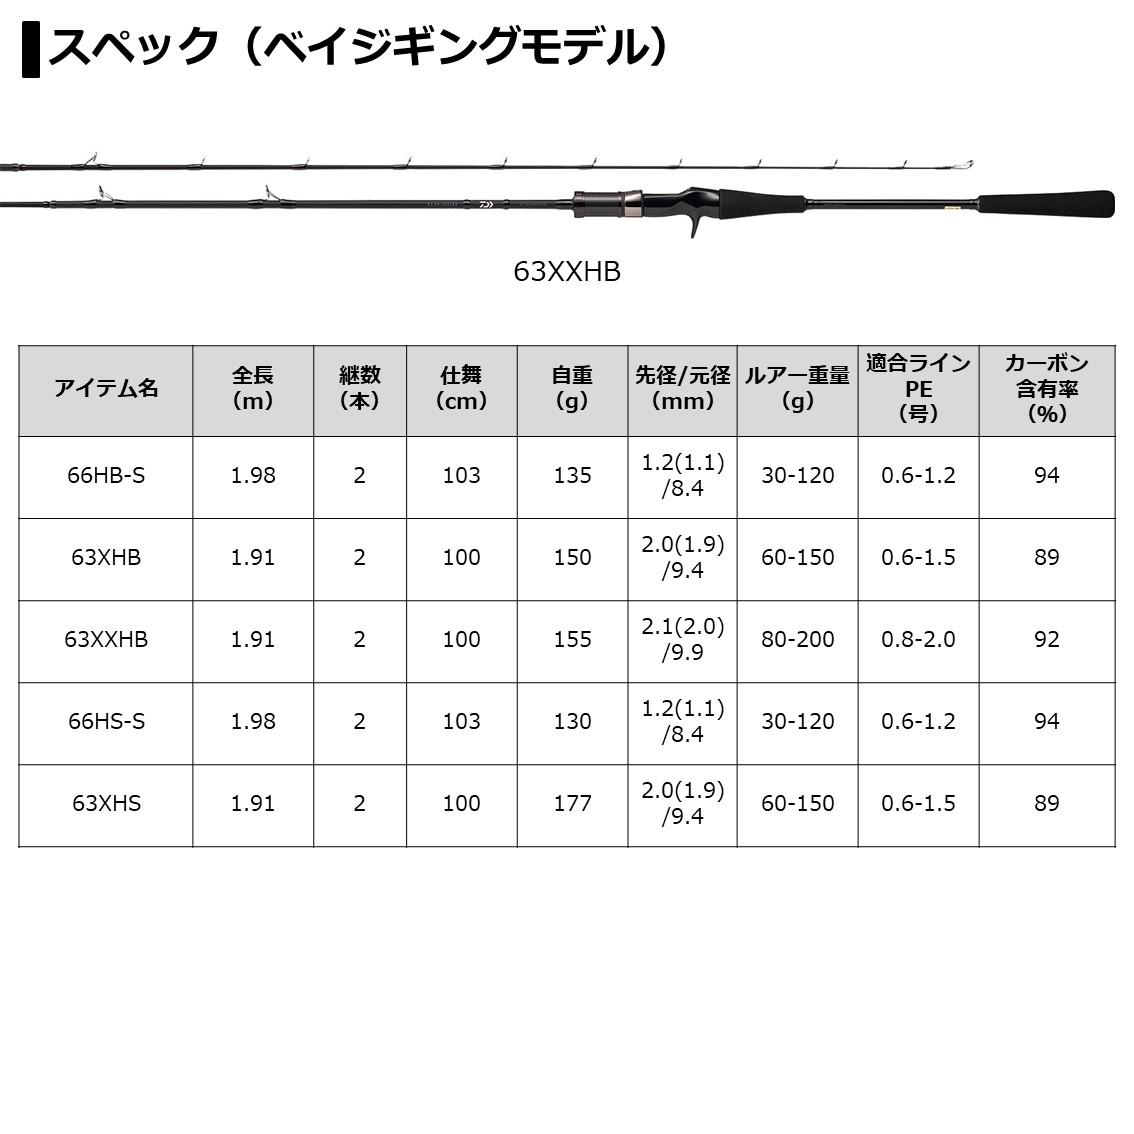 ダイワ キャタリナBJ エアポータブル(スーパーライトジギングモデル) 63MLB-METAL